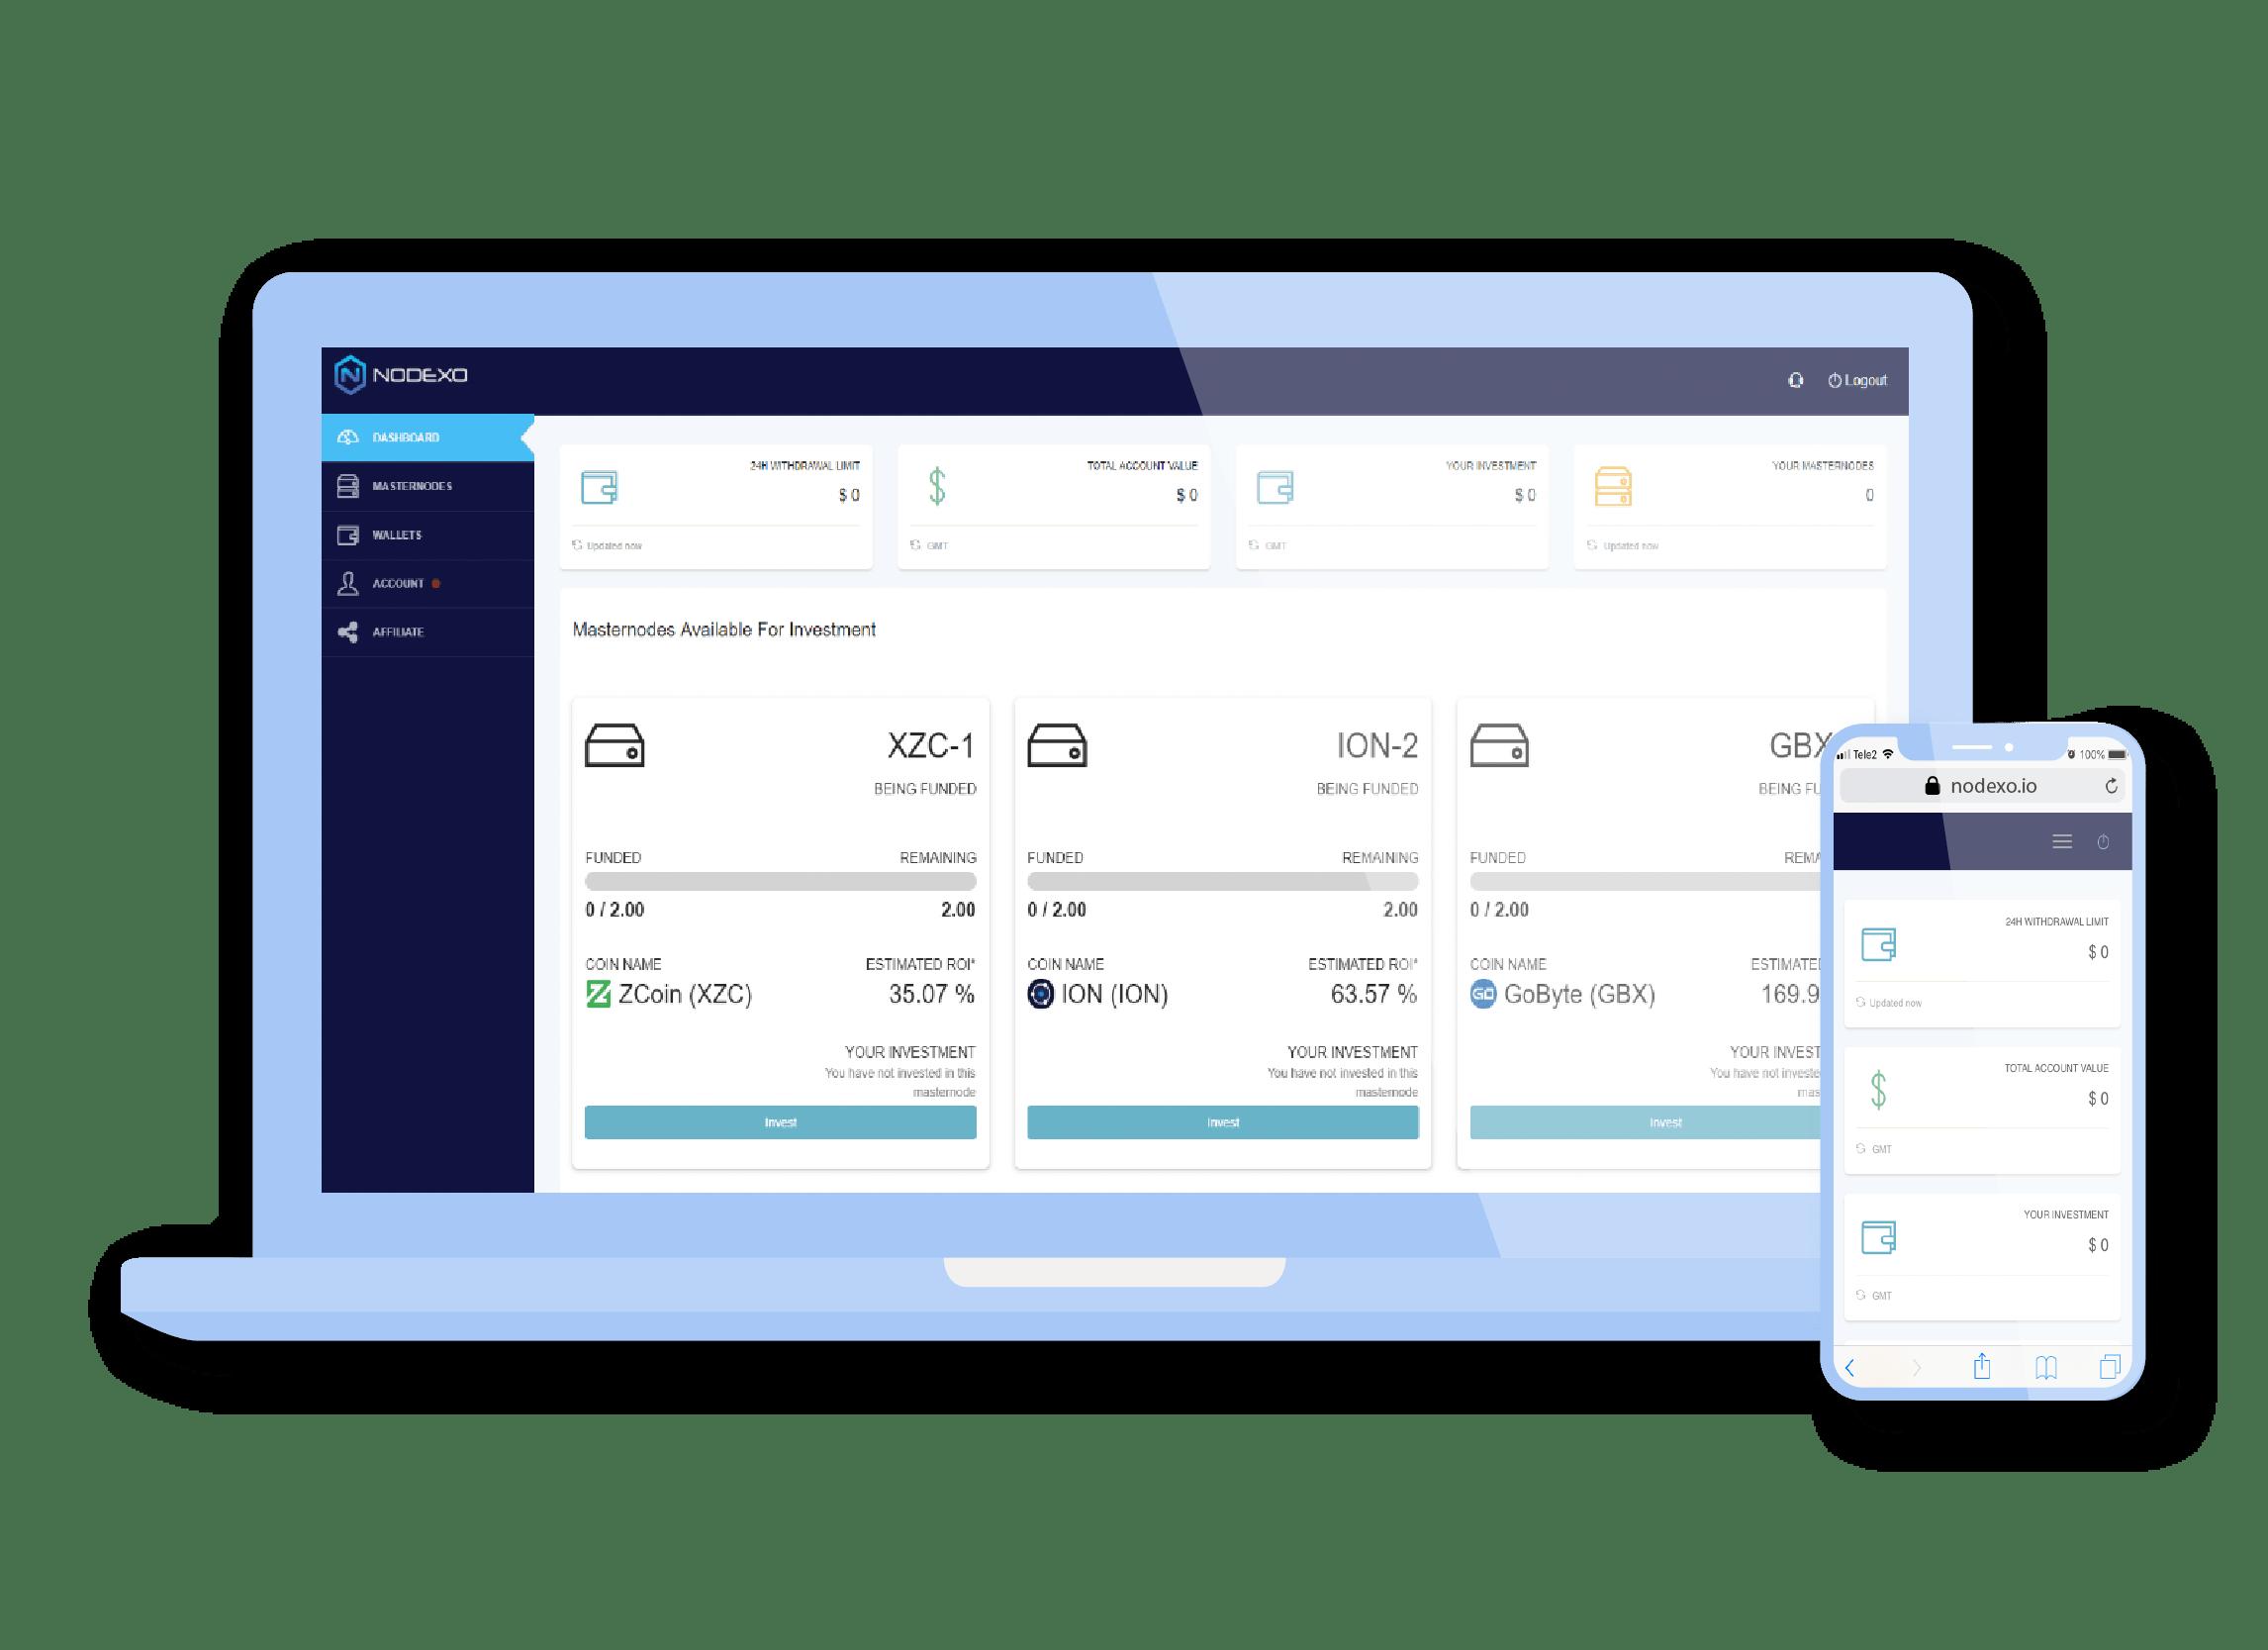 NODEXO platform mobile